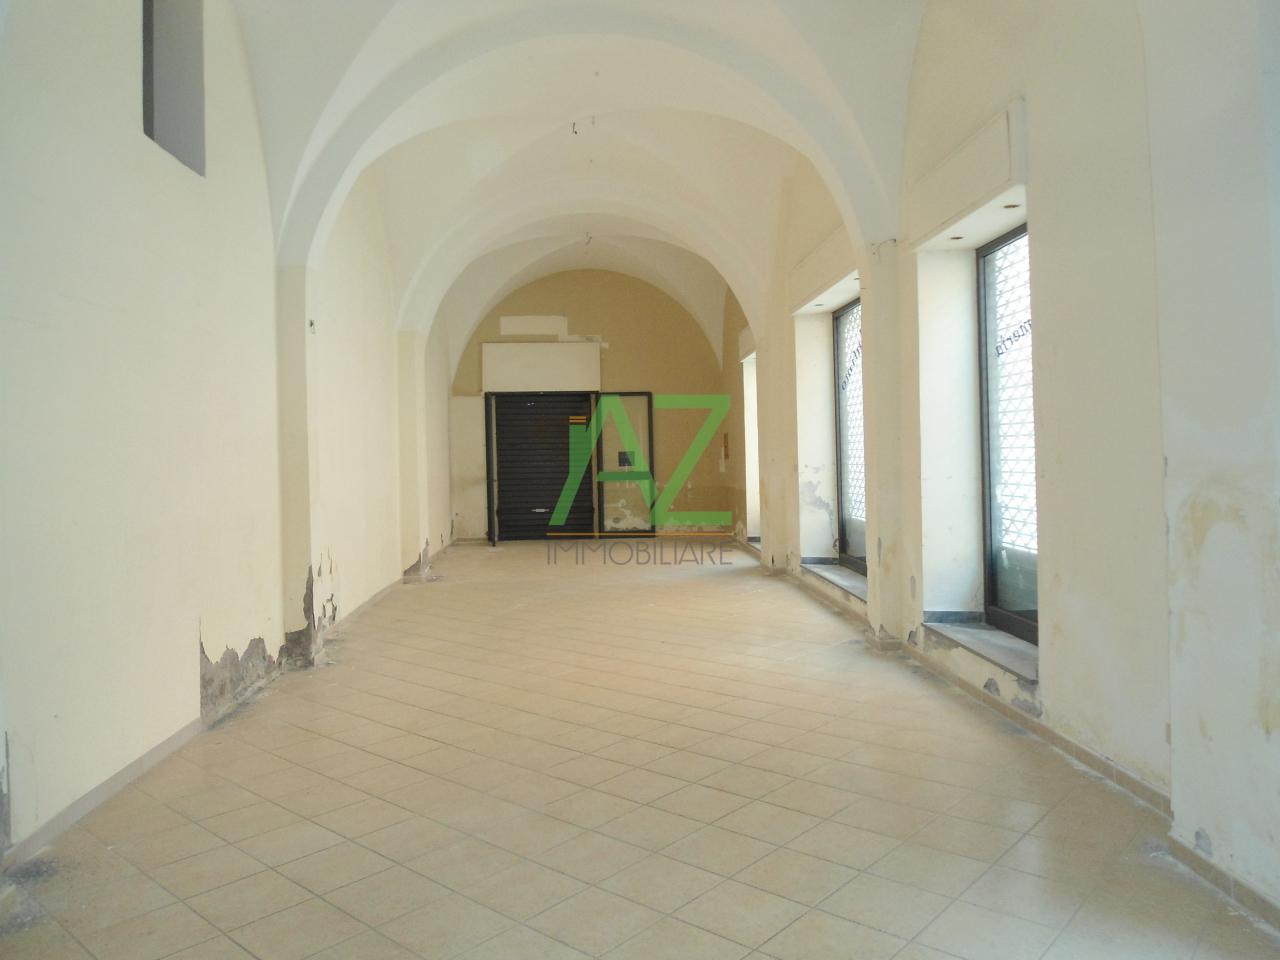 Negozio / Locale in affitto a Acireale, 9999 locali, prezzo € 1.000 | Cambio Casa.it